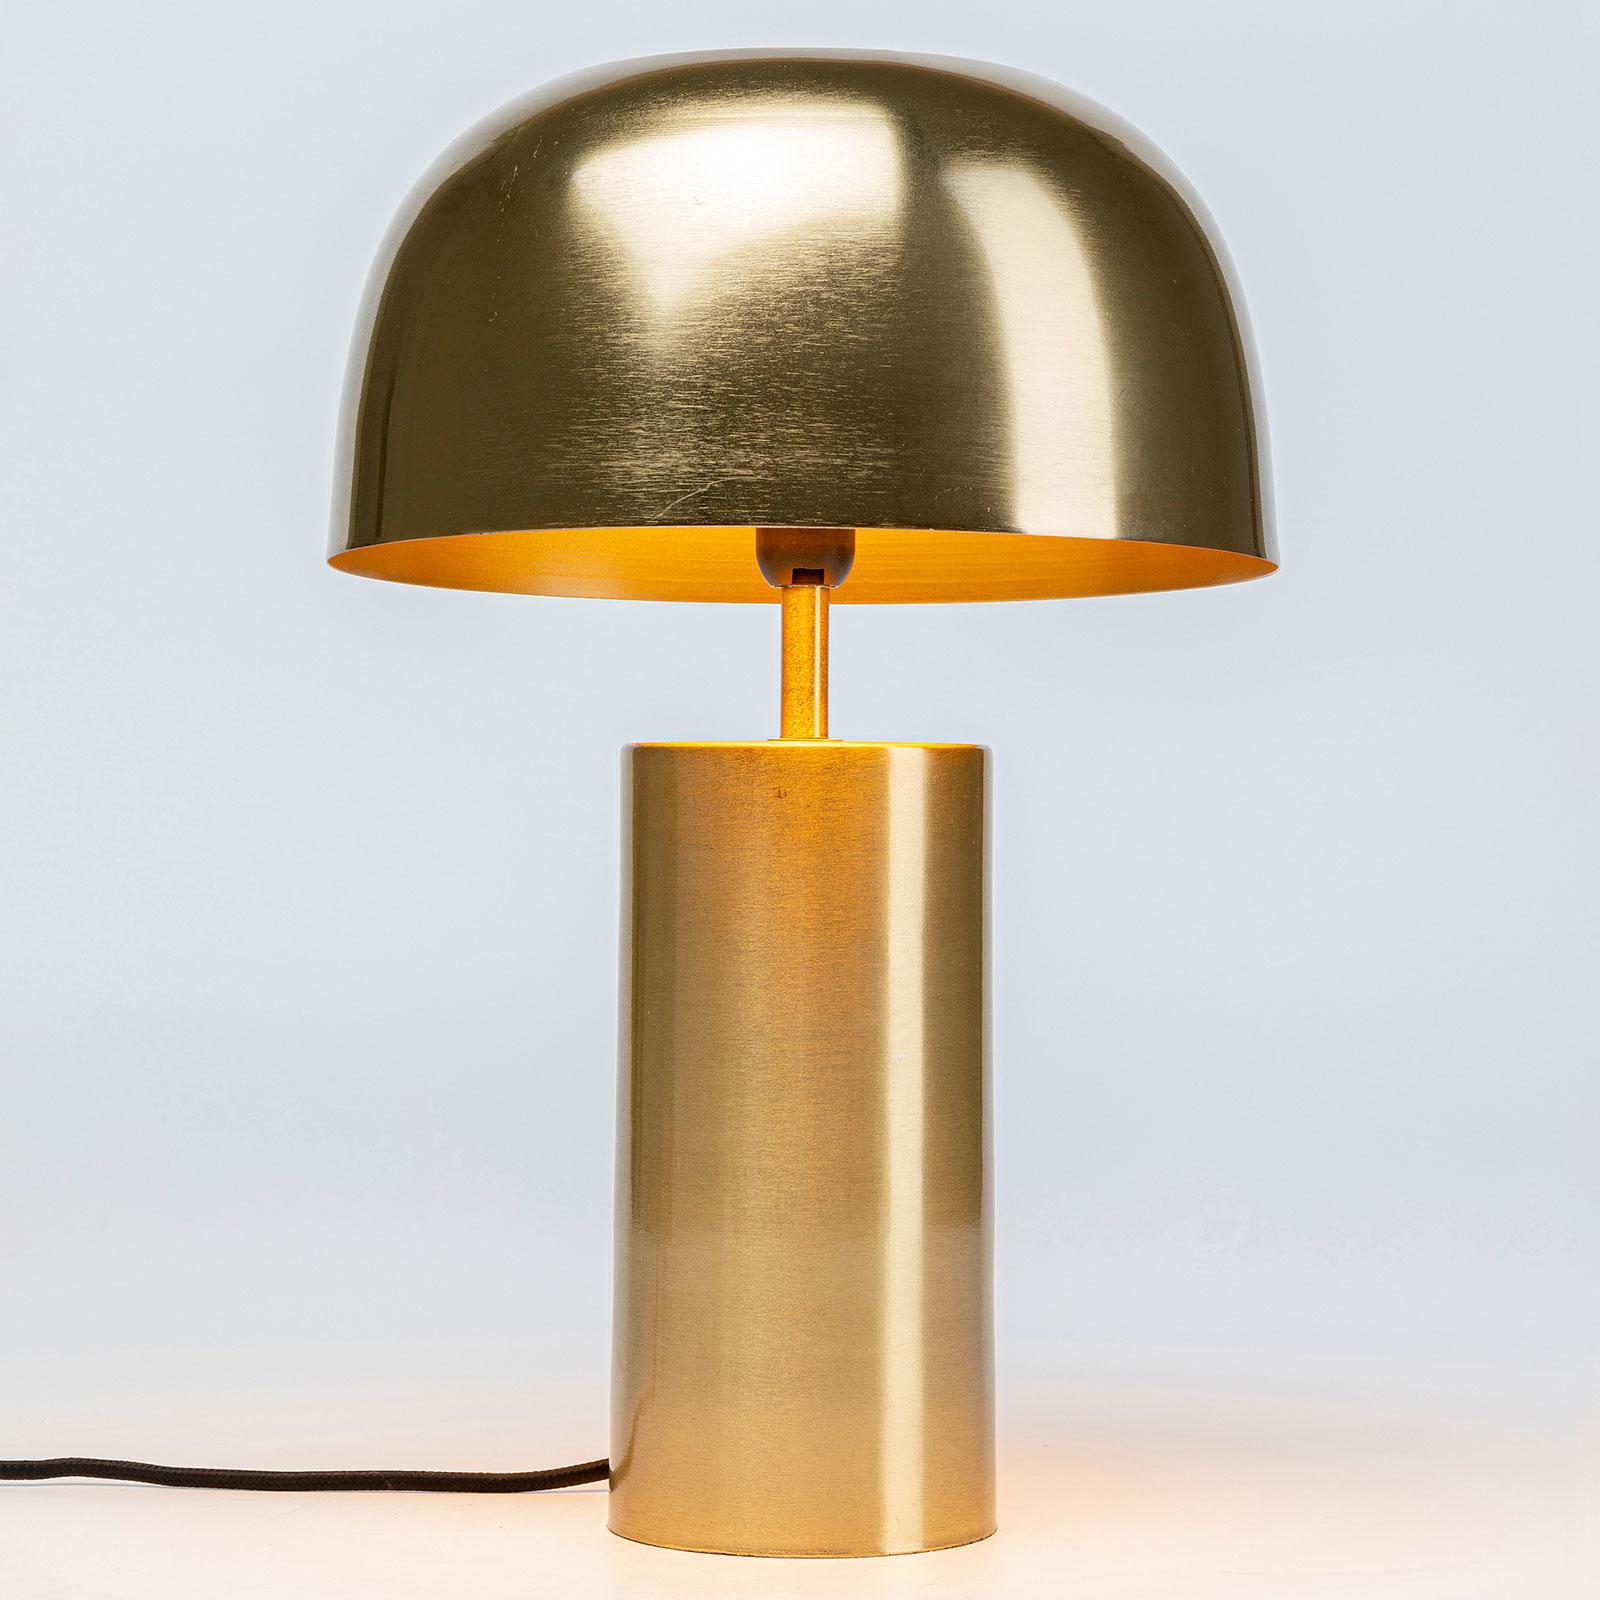 KARE Loungy lampada da tavolo in oro